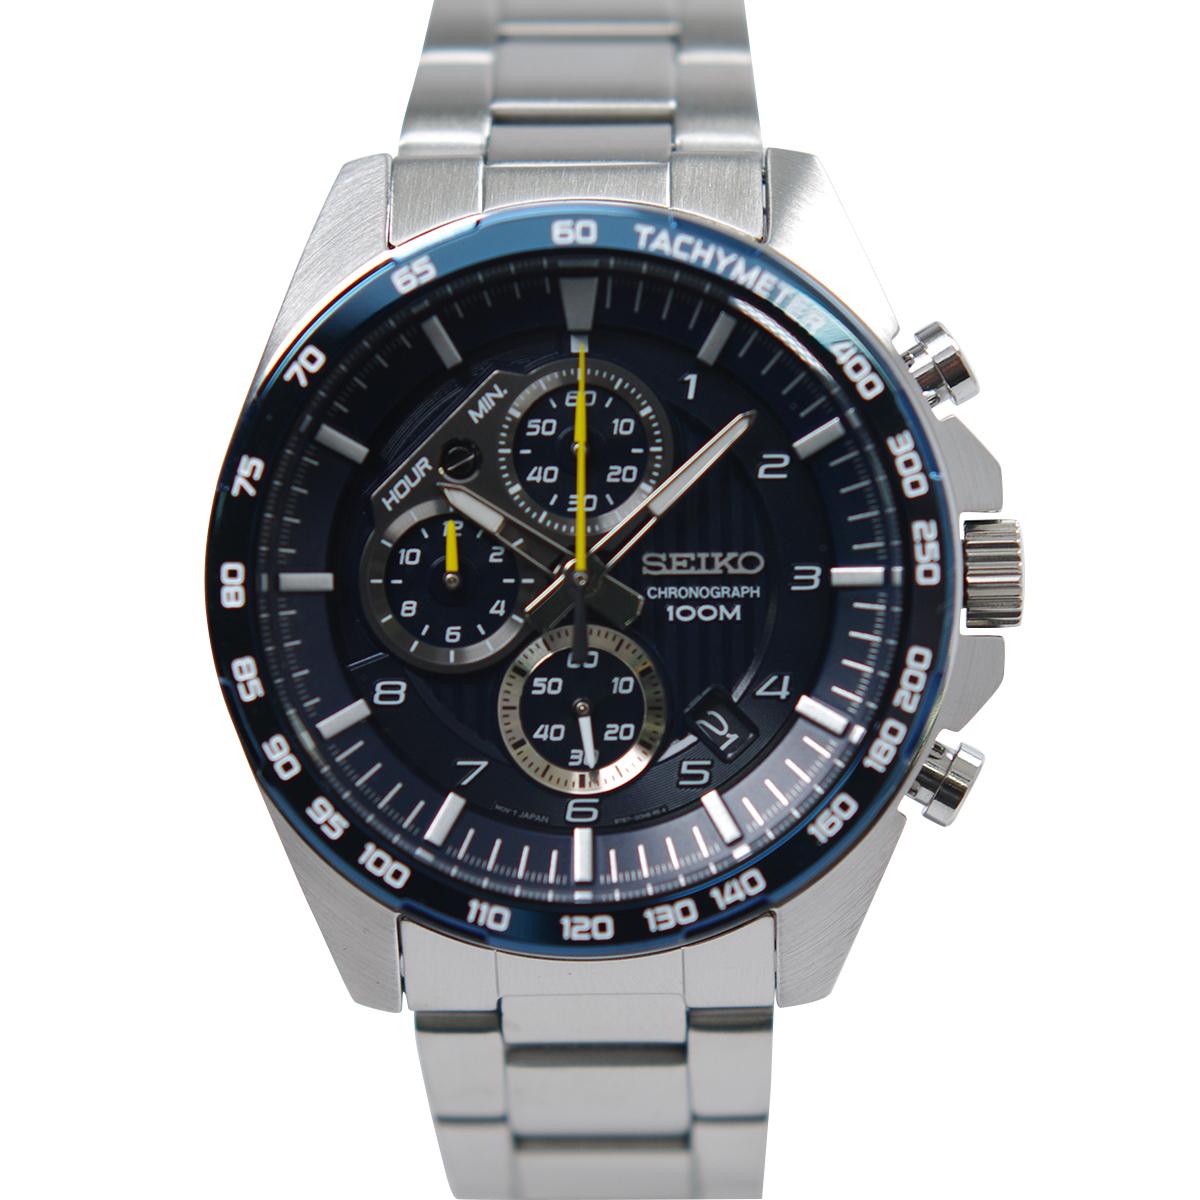 入荷中 セイコー SEIKO 腕時計 クオーツ クロノグラフ 100M防水 ネイビー文字盤 SSB321P1 メンズ [逆輸入品]ssb321p1, ベクトル 新都リユース f1266b7a